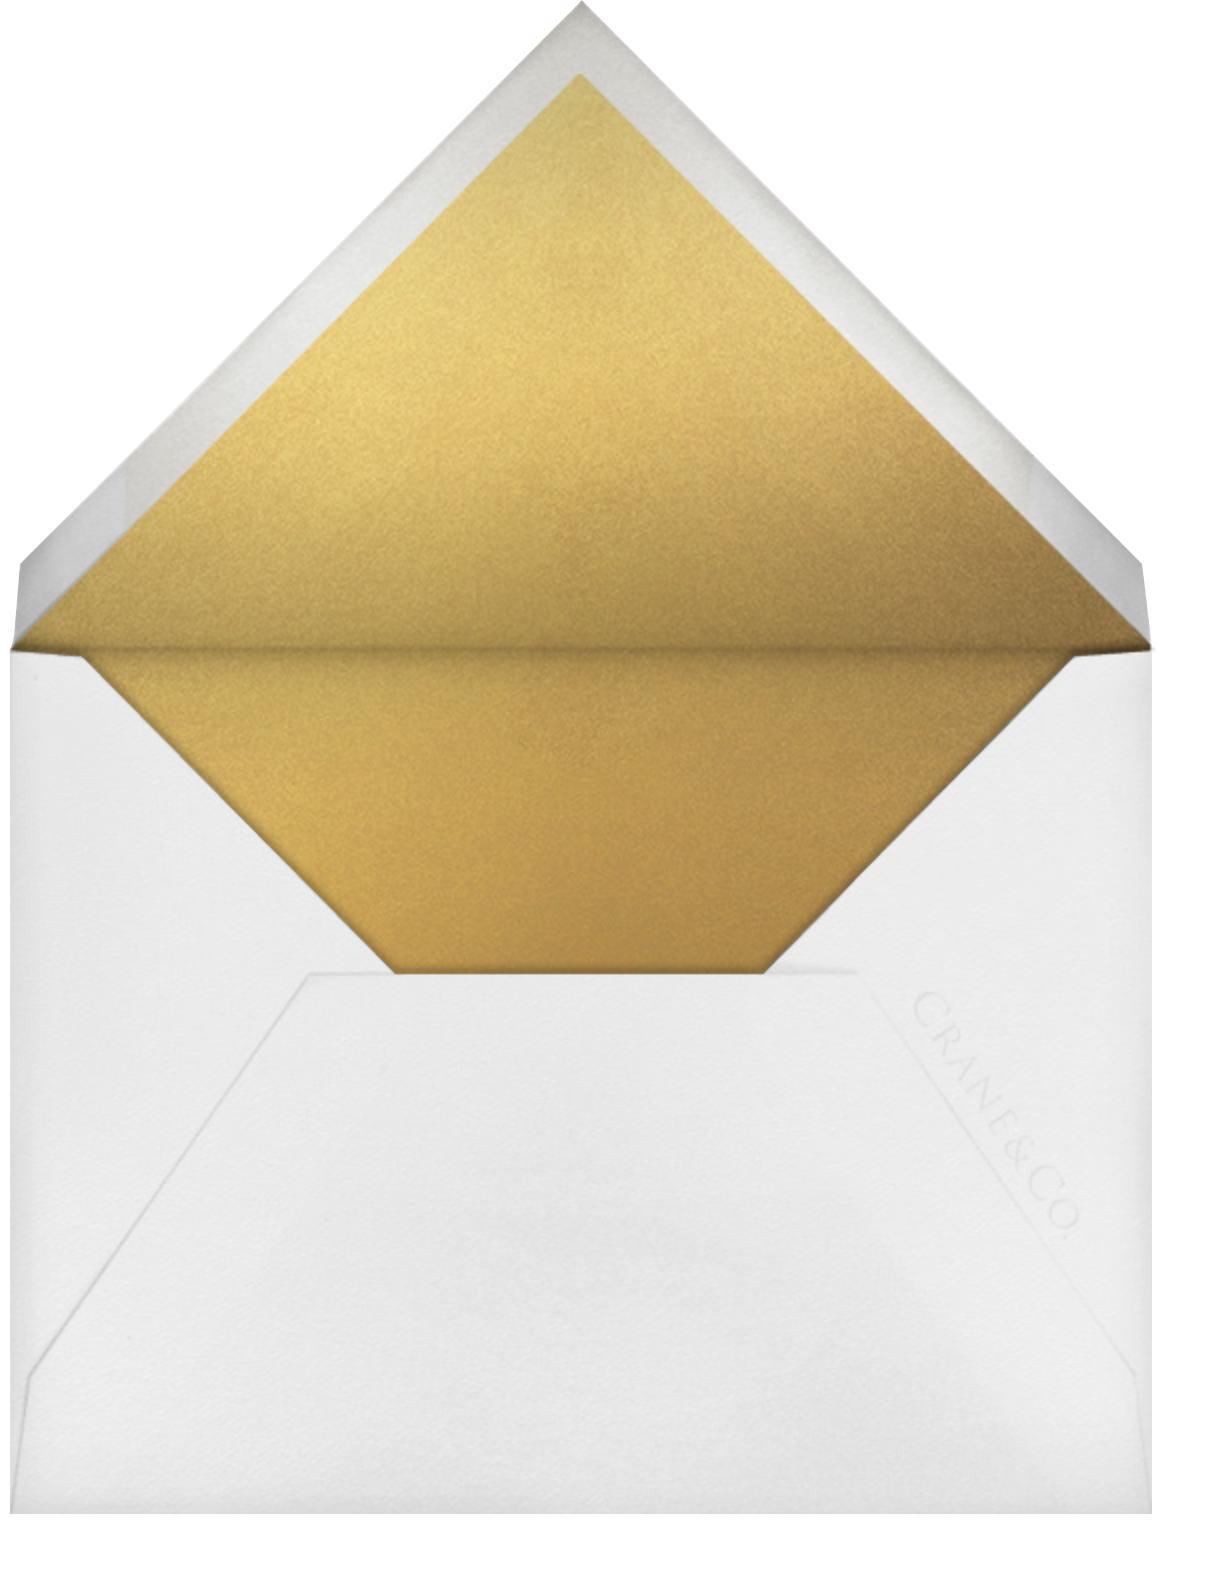 D'Etange - Paperless Post - Designs we love - envelope back